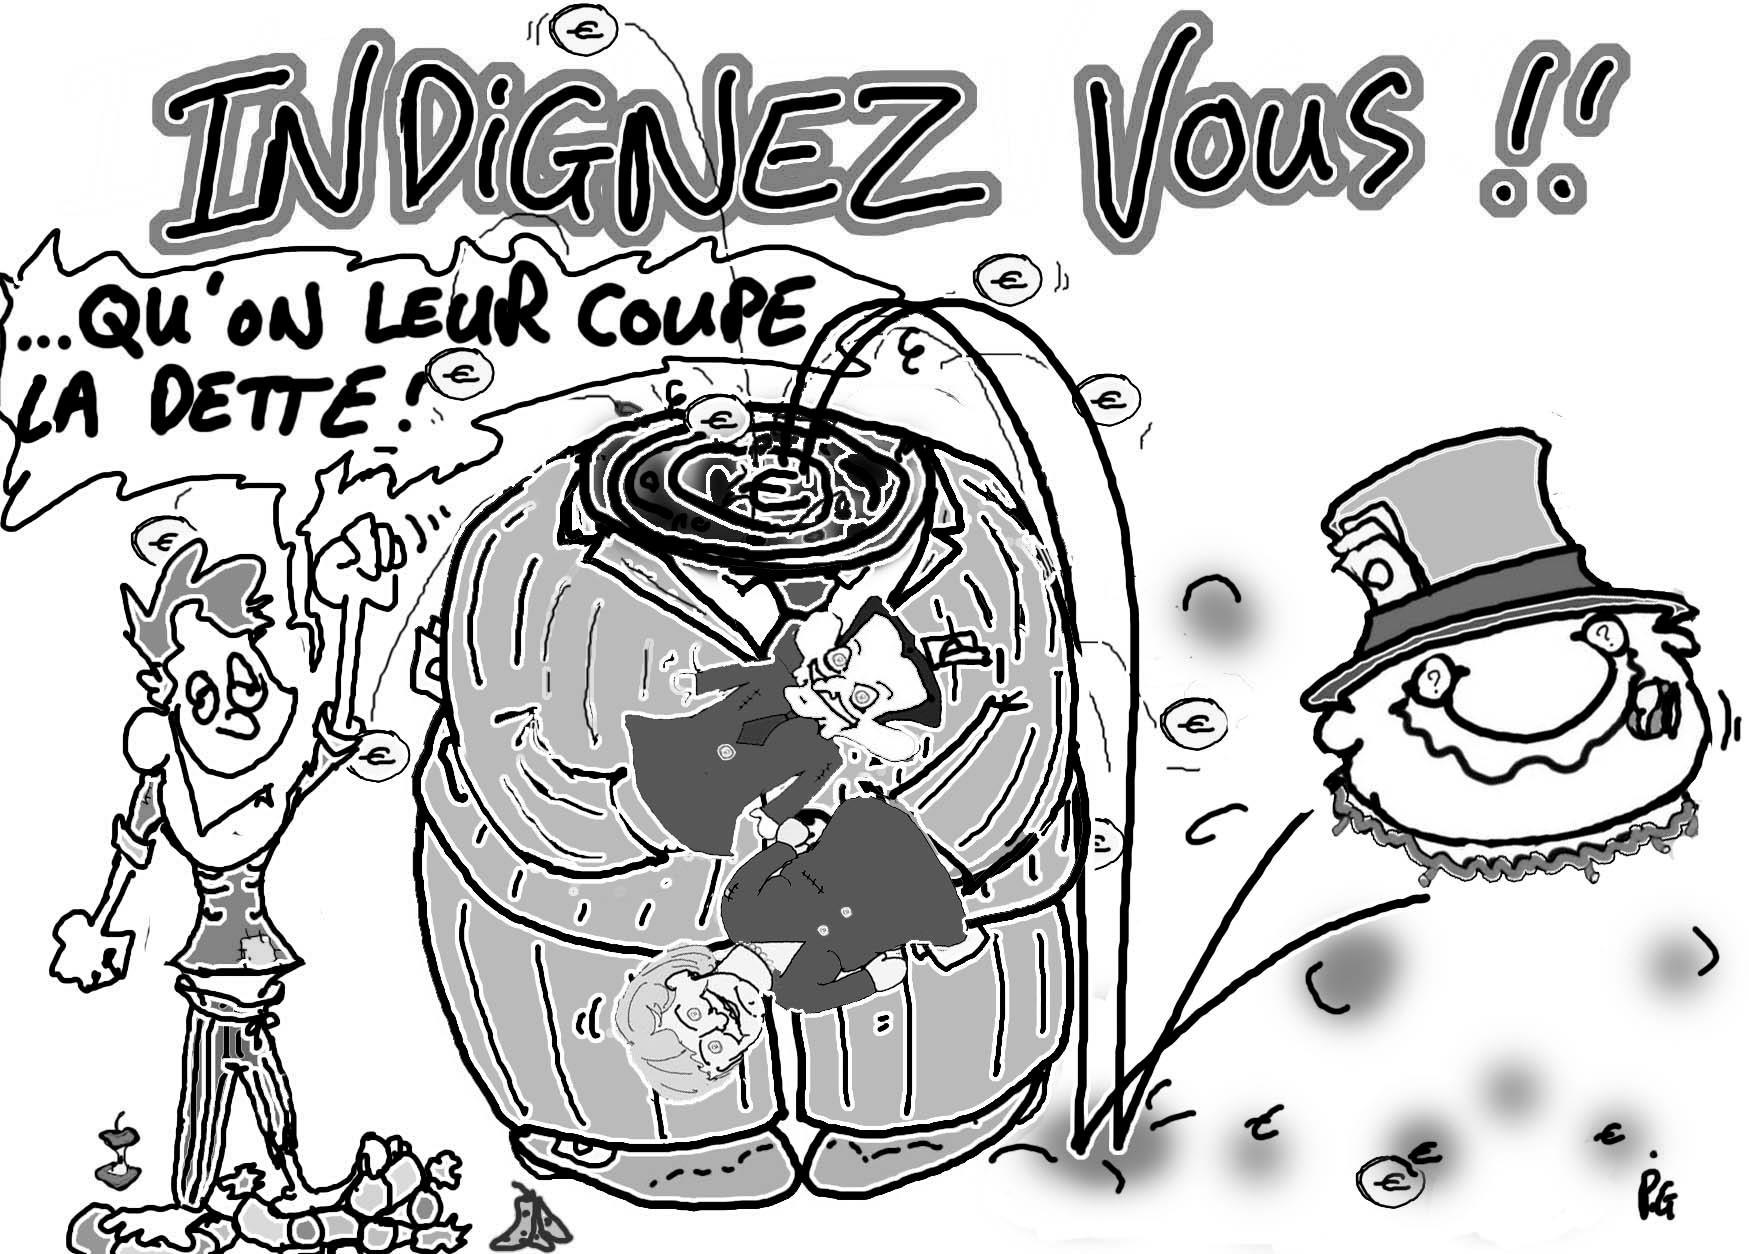 http://decroissance.lehavre.free.fr/collectif/qu-on-leur-coupe-la-dette.jpg